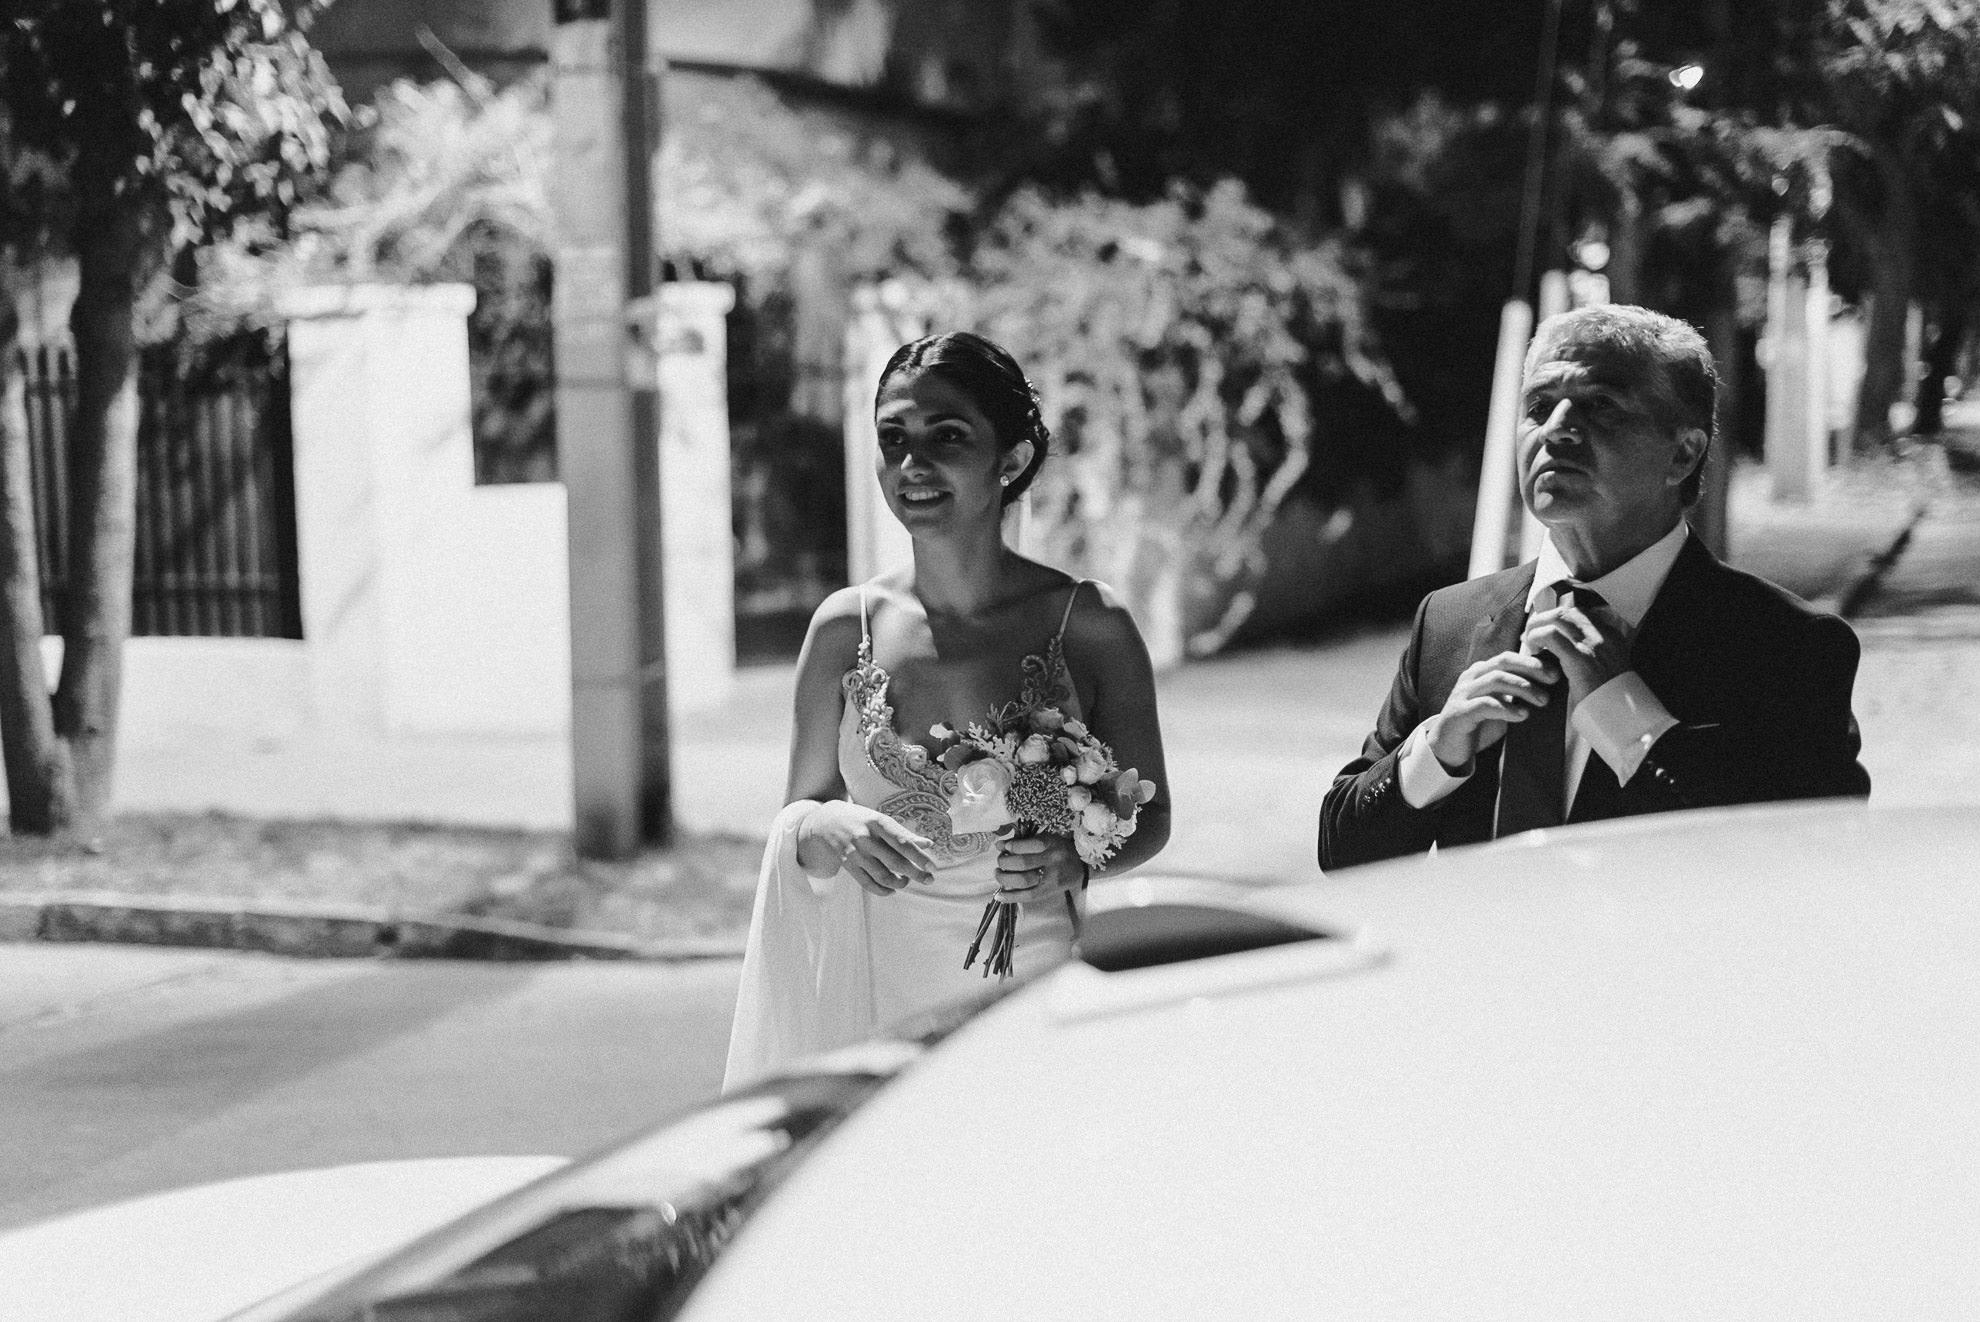 fotografo matrimonio_011.jpg